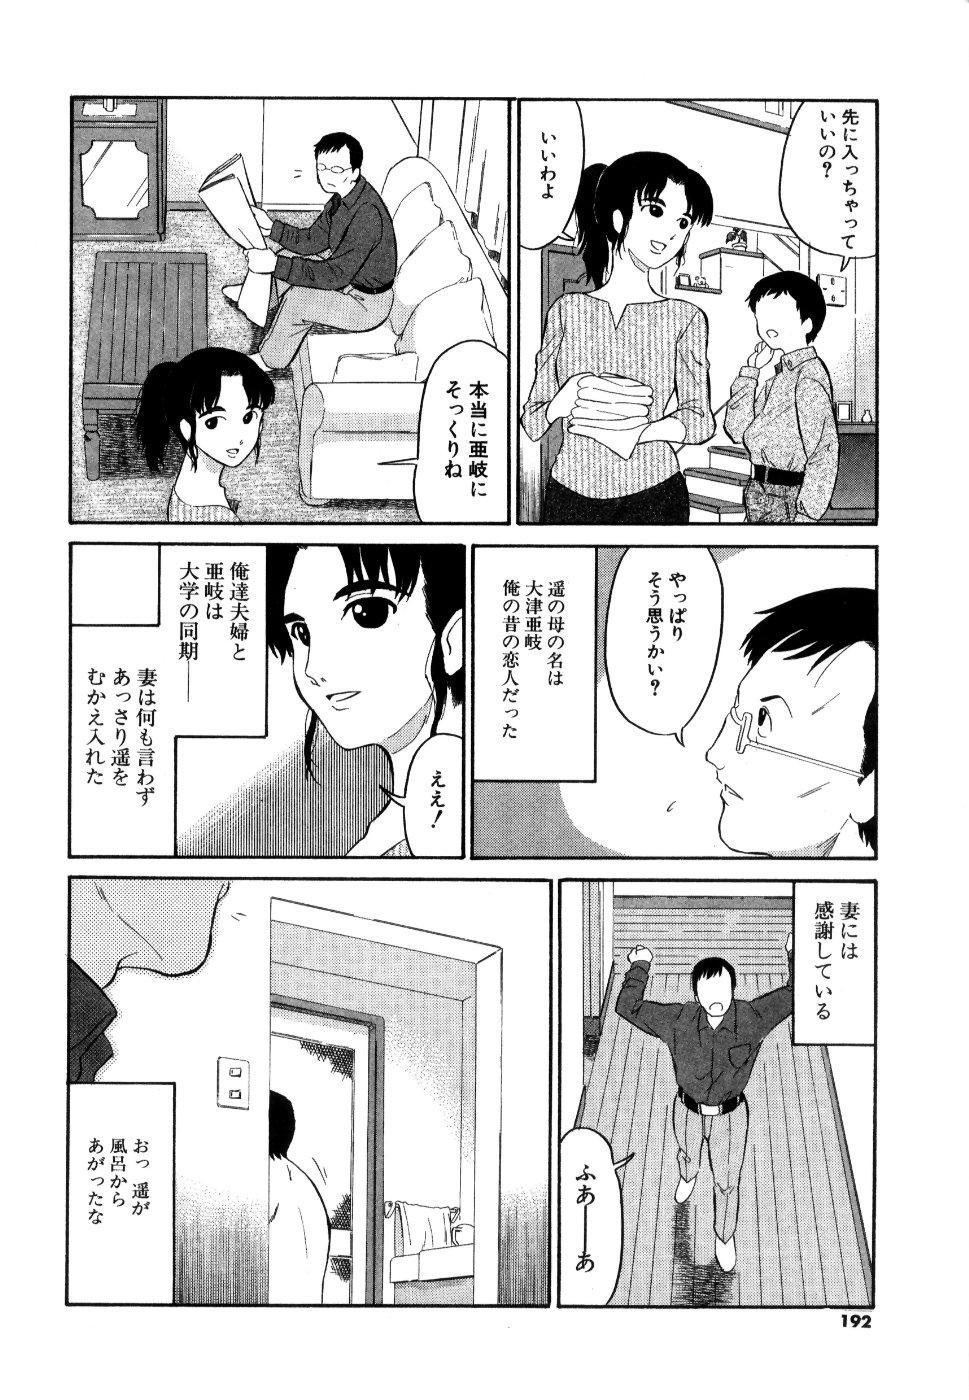 [Dozamura] Doguu -Dozamura Guuwa- Kuro 192